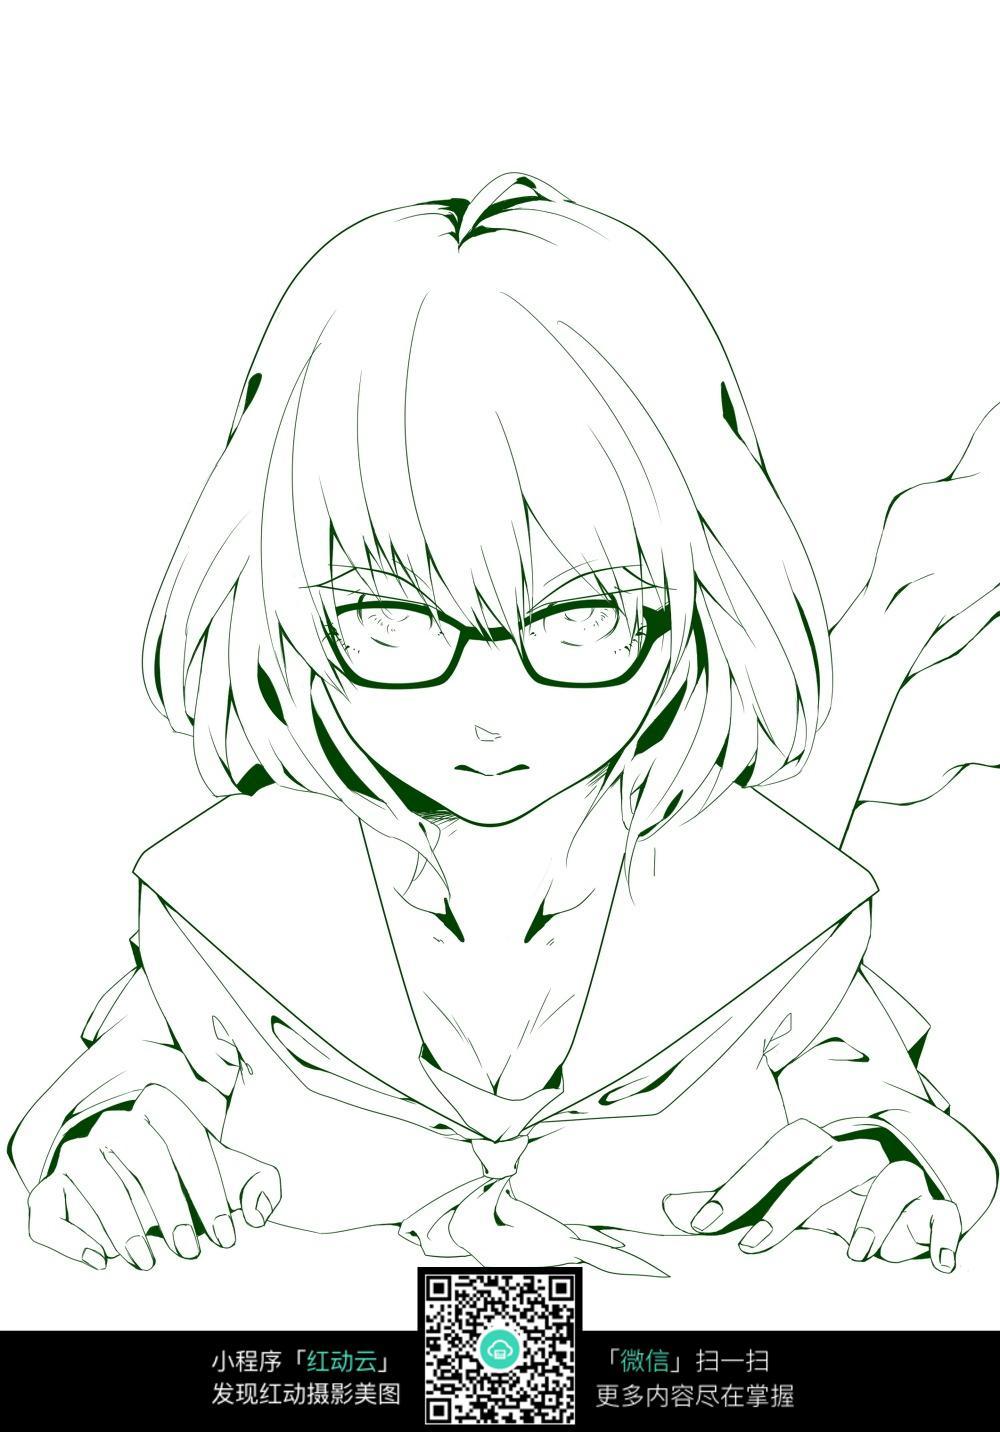 眼镜女孩卡通手绘线稿图片